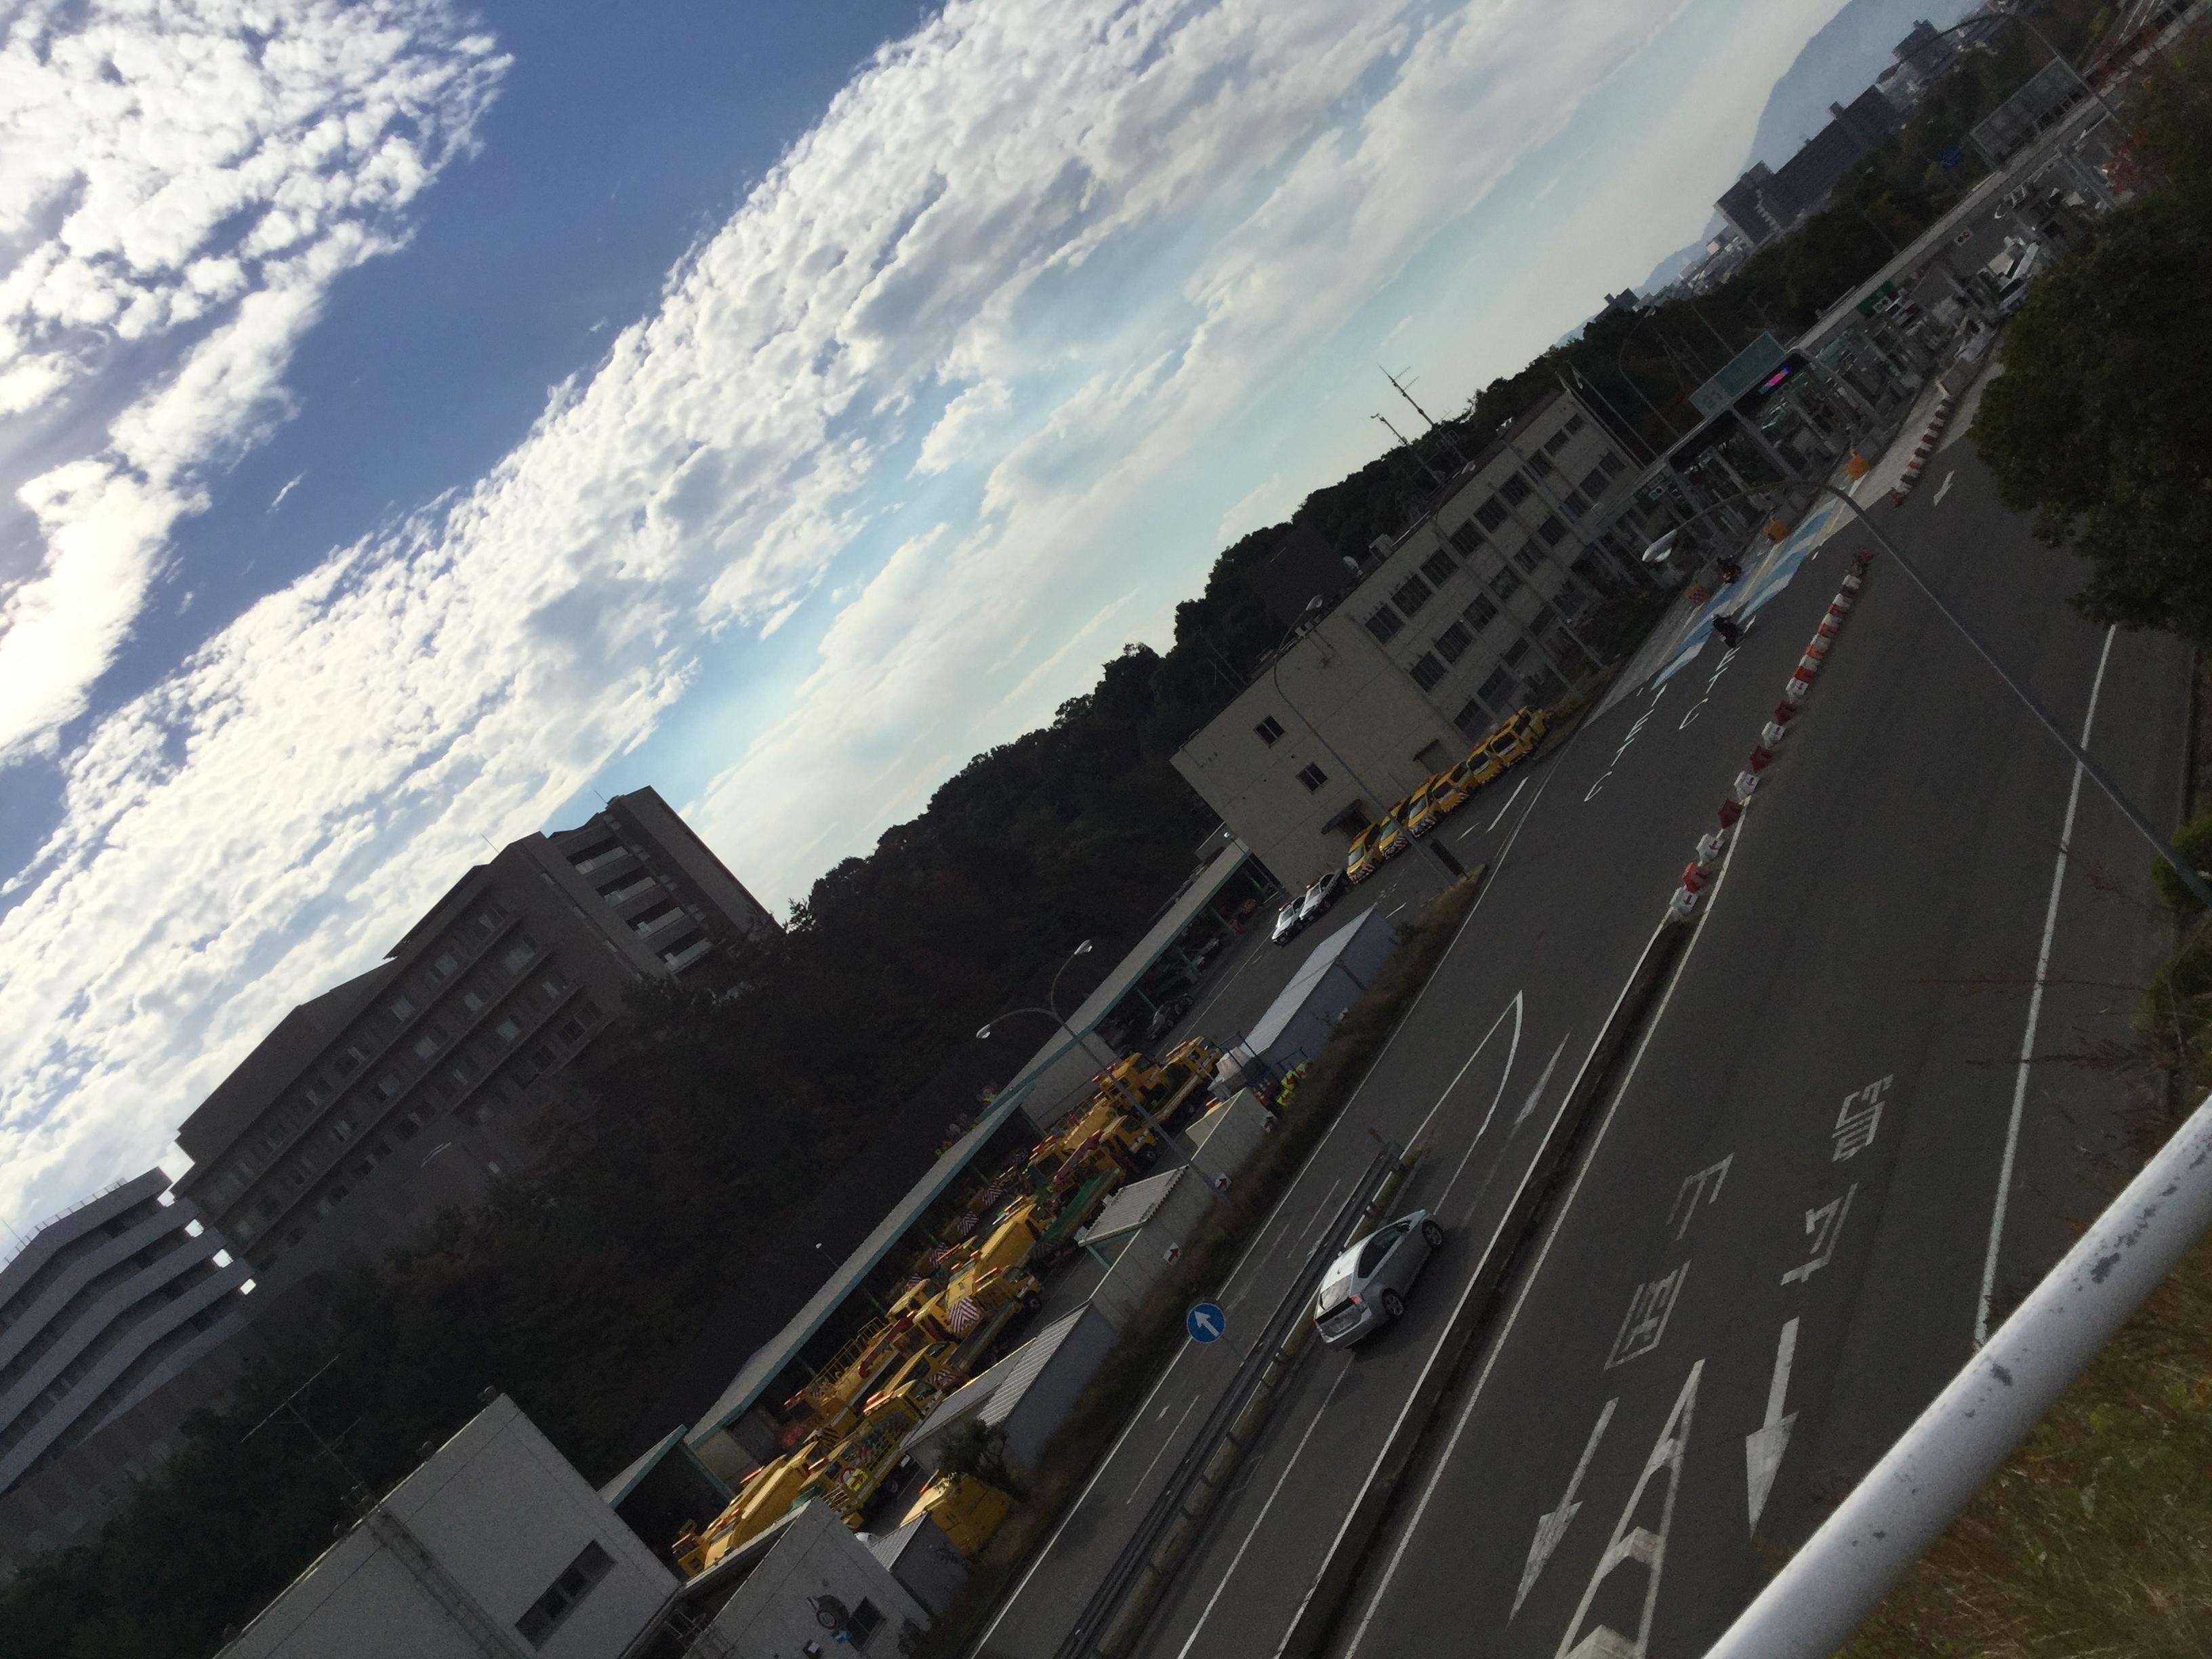 福山市民病院外観と高速道路2